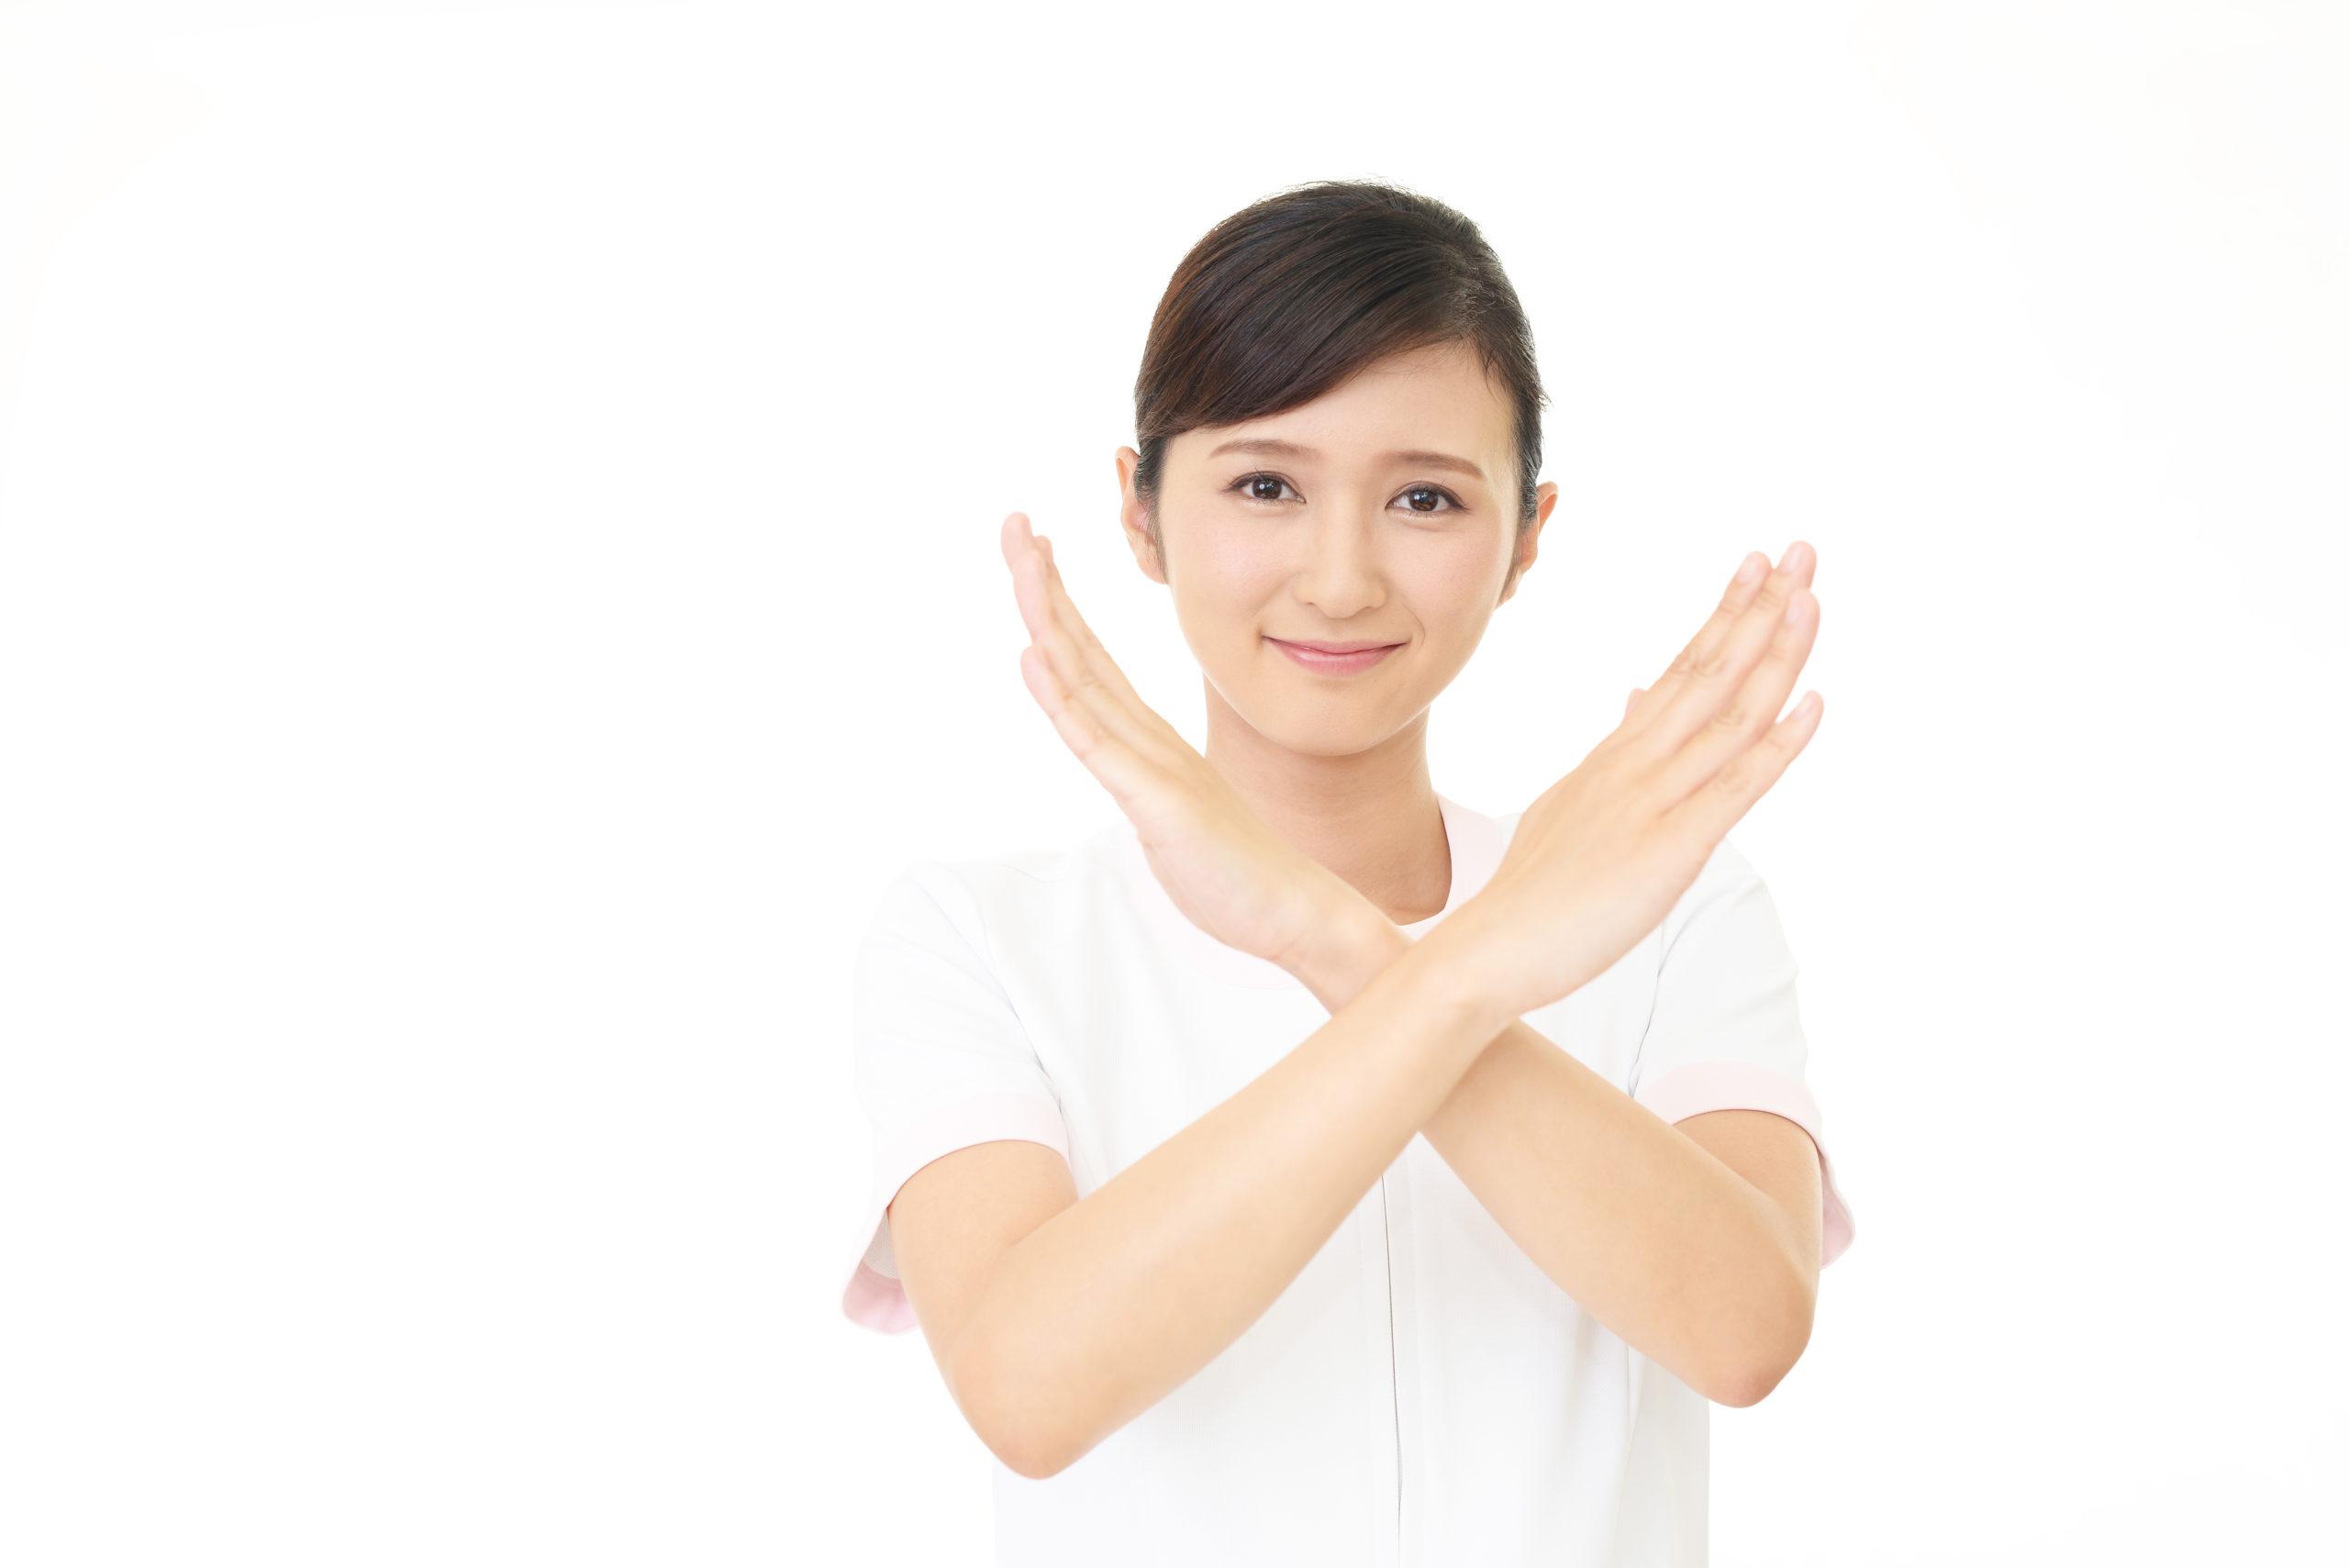 松坂桃李 エステ店 デマ 本当